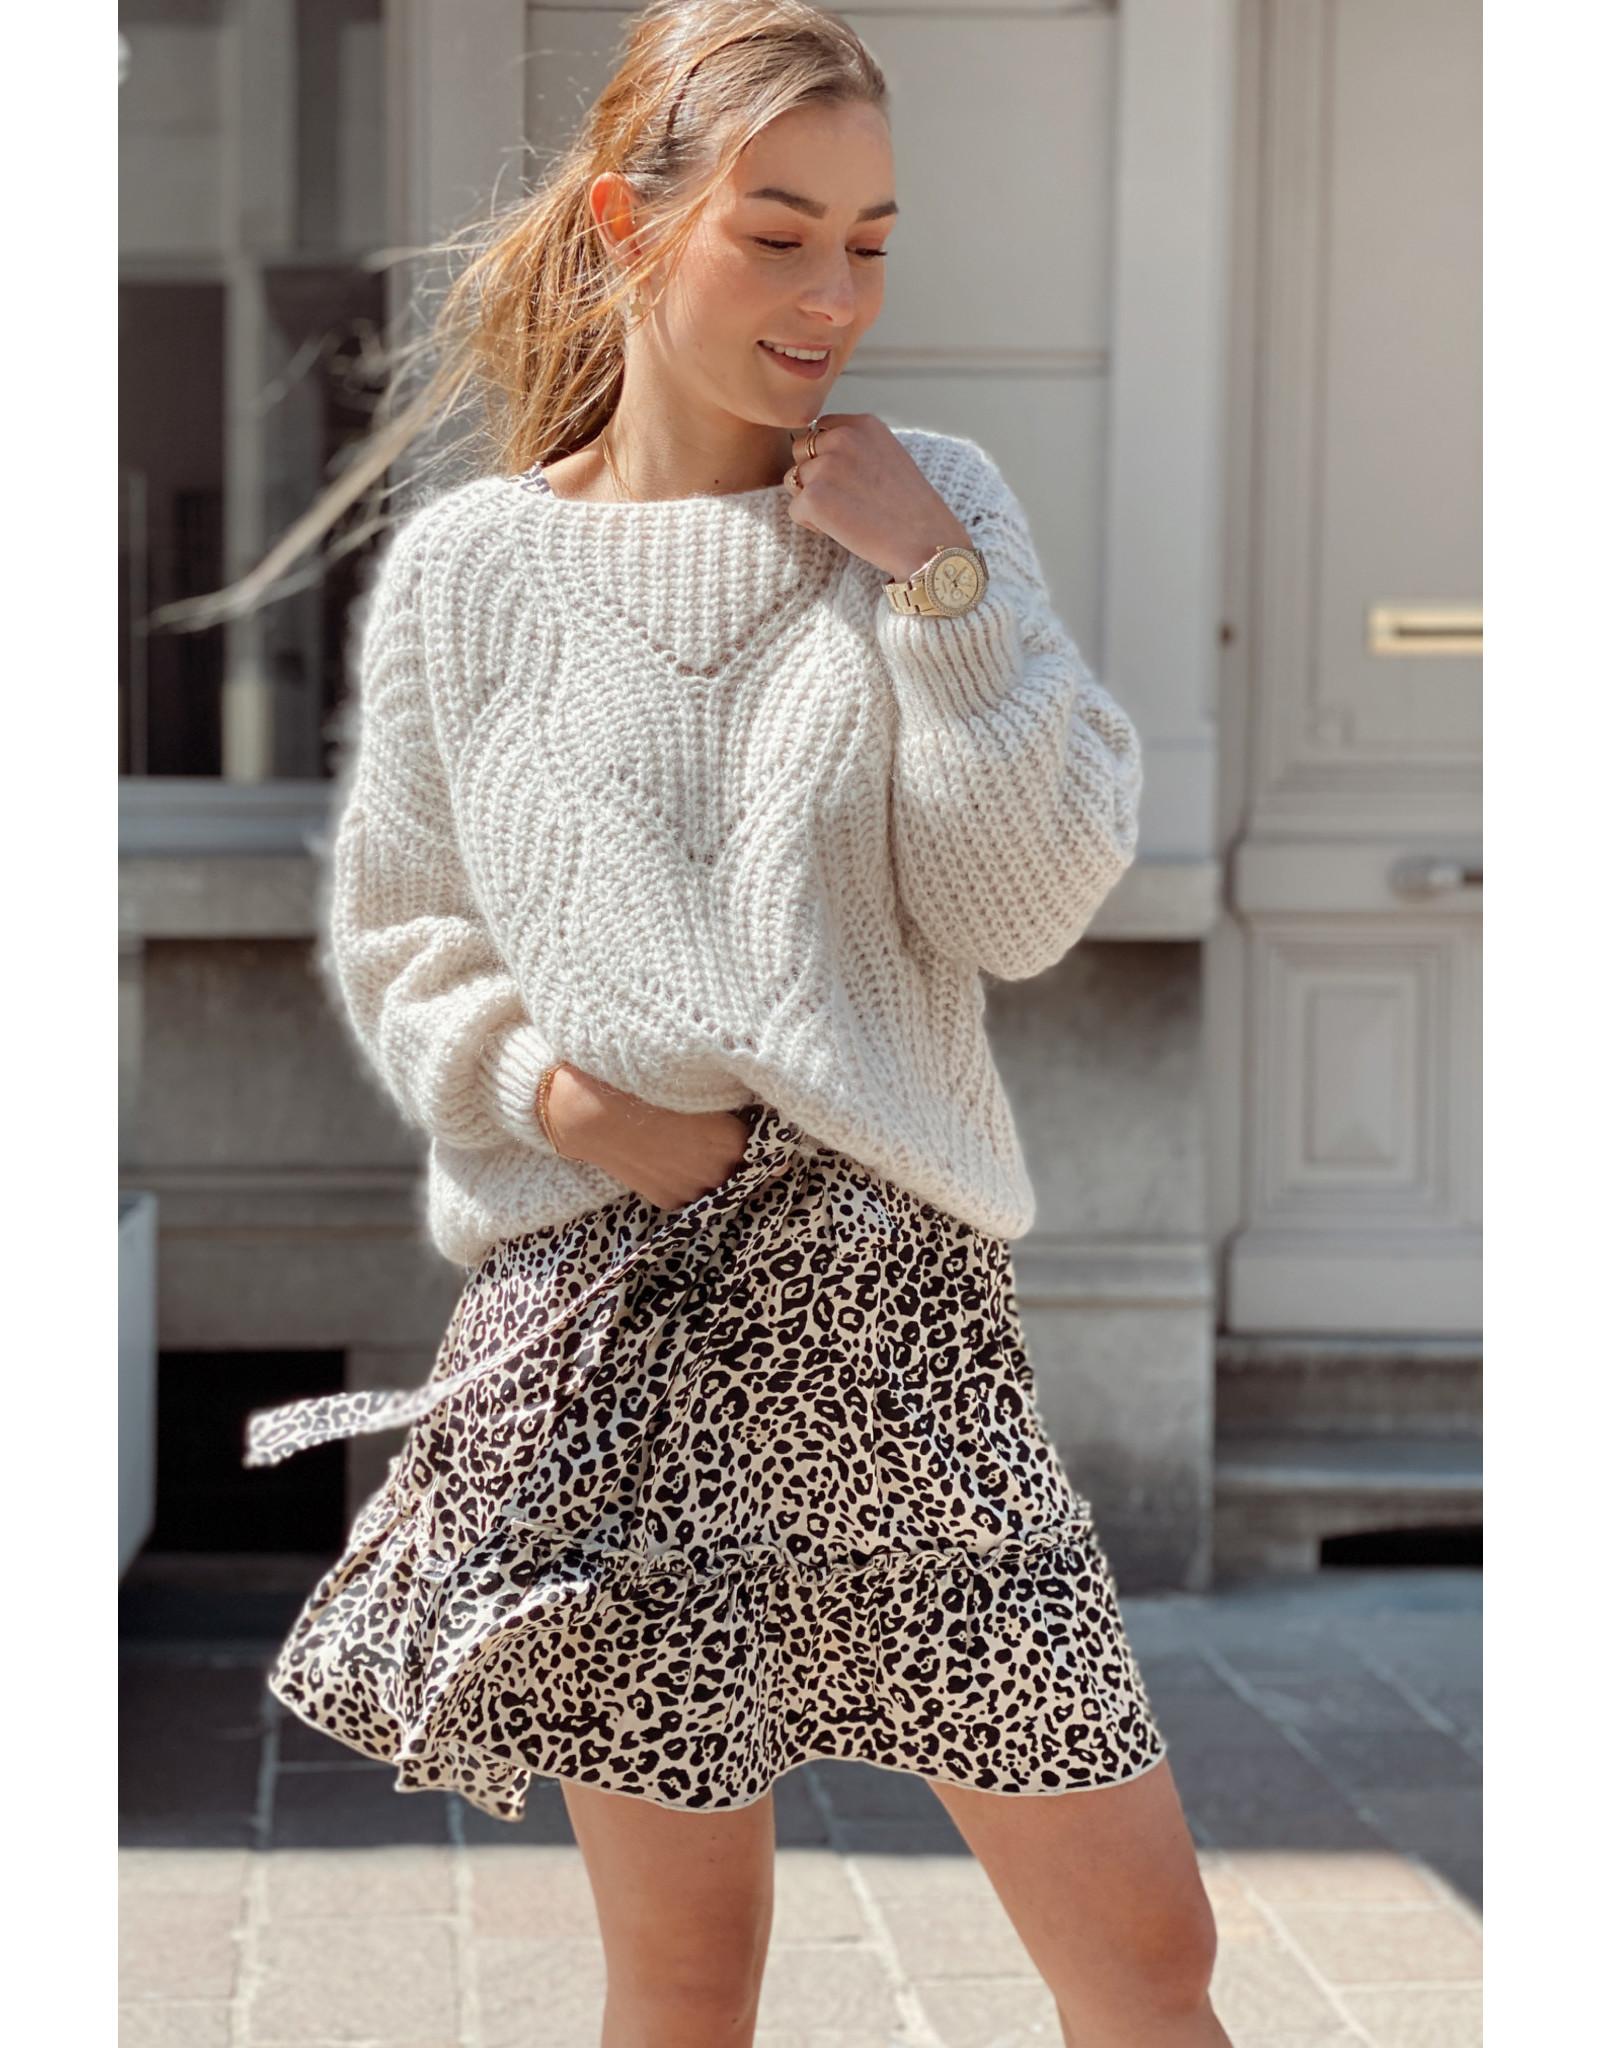 She's Milano x crochet beige